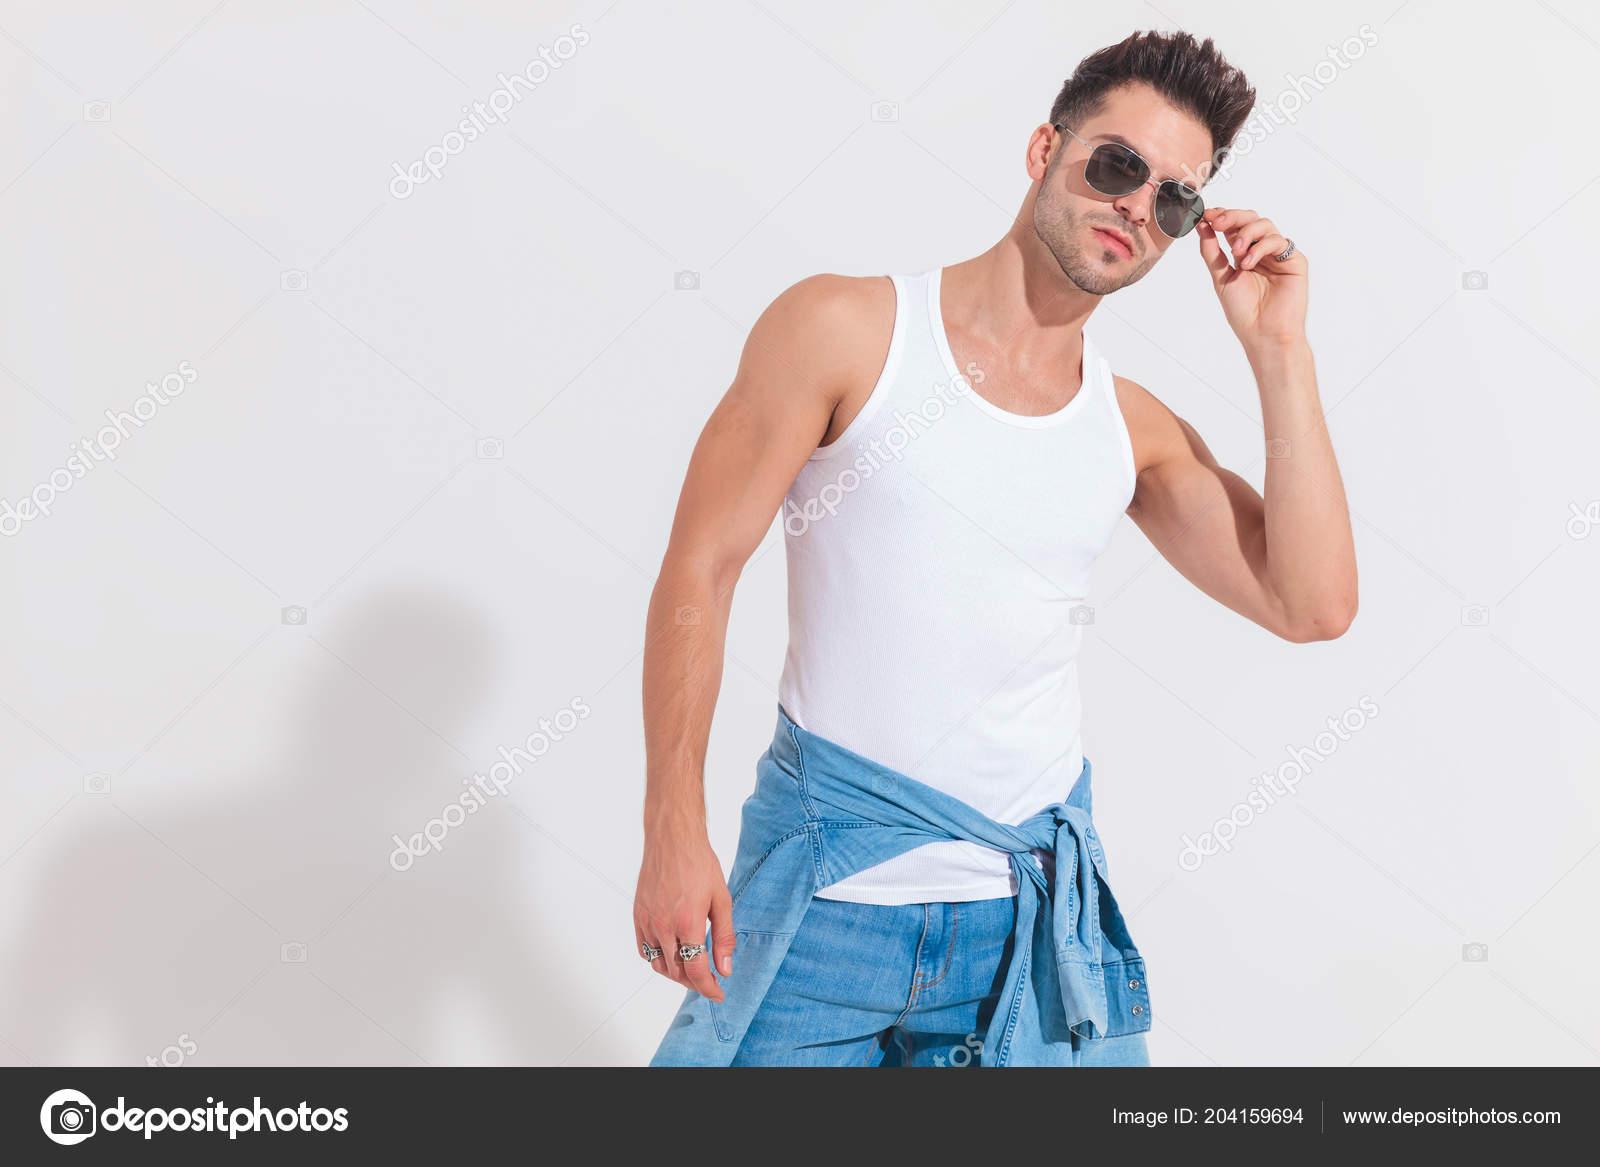 Retrato Jovem Camiseta Consertar Seus Óculos Escuros Enquanto Fundo Branco  — Fotografia de Stock f4641ce6a4